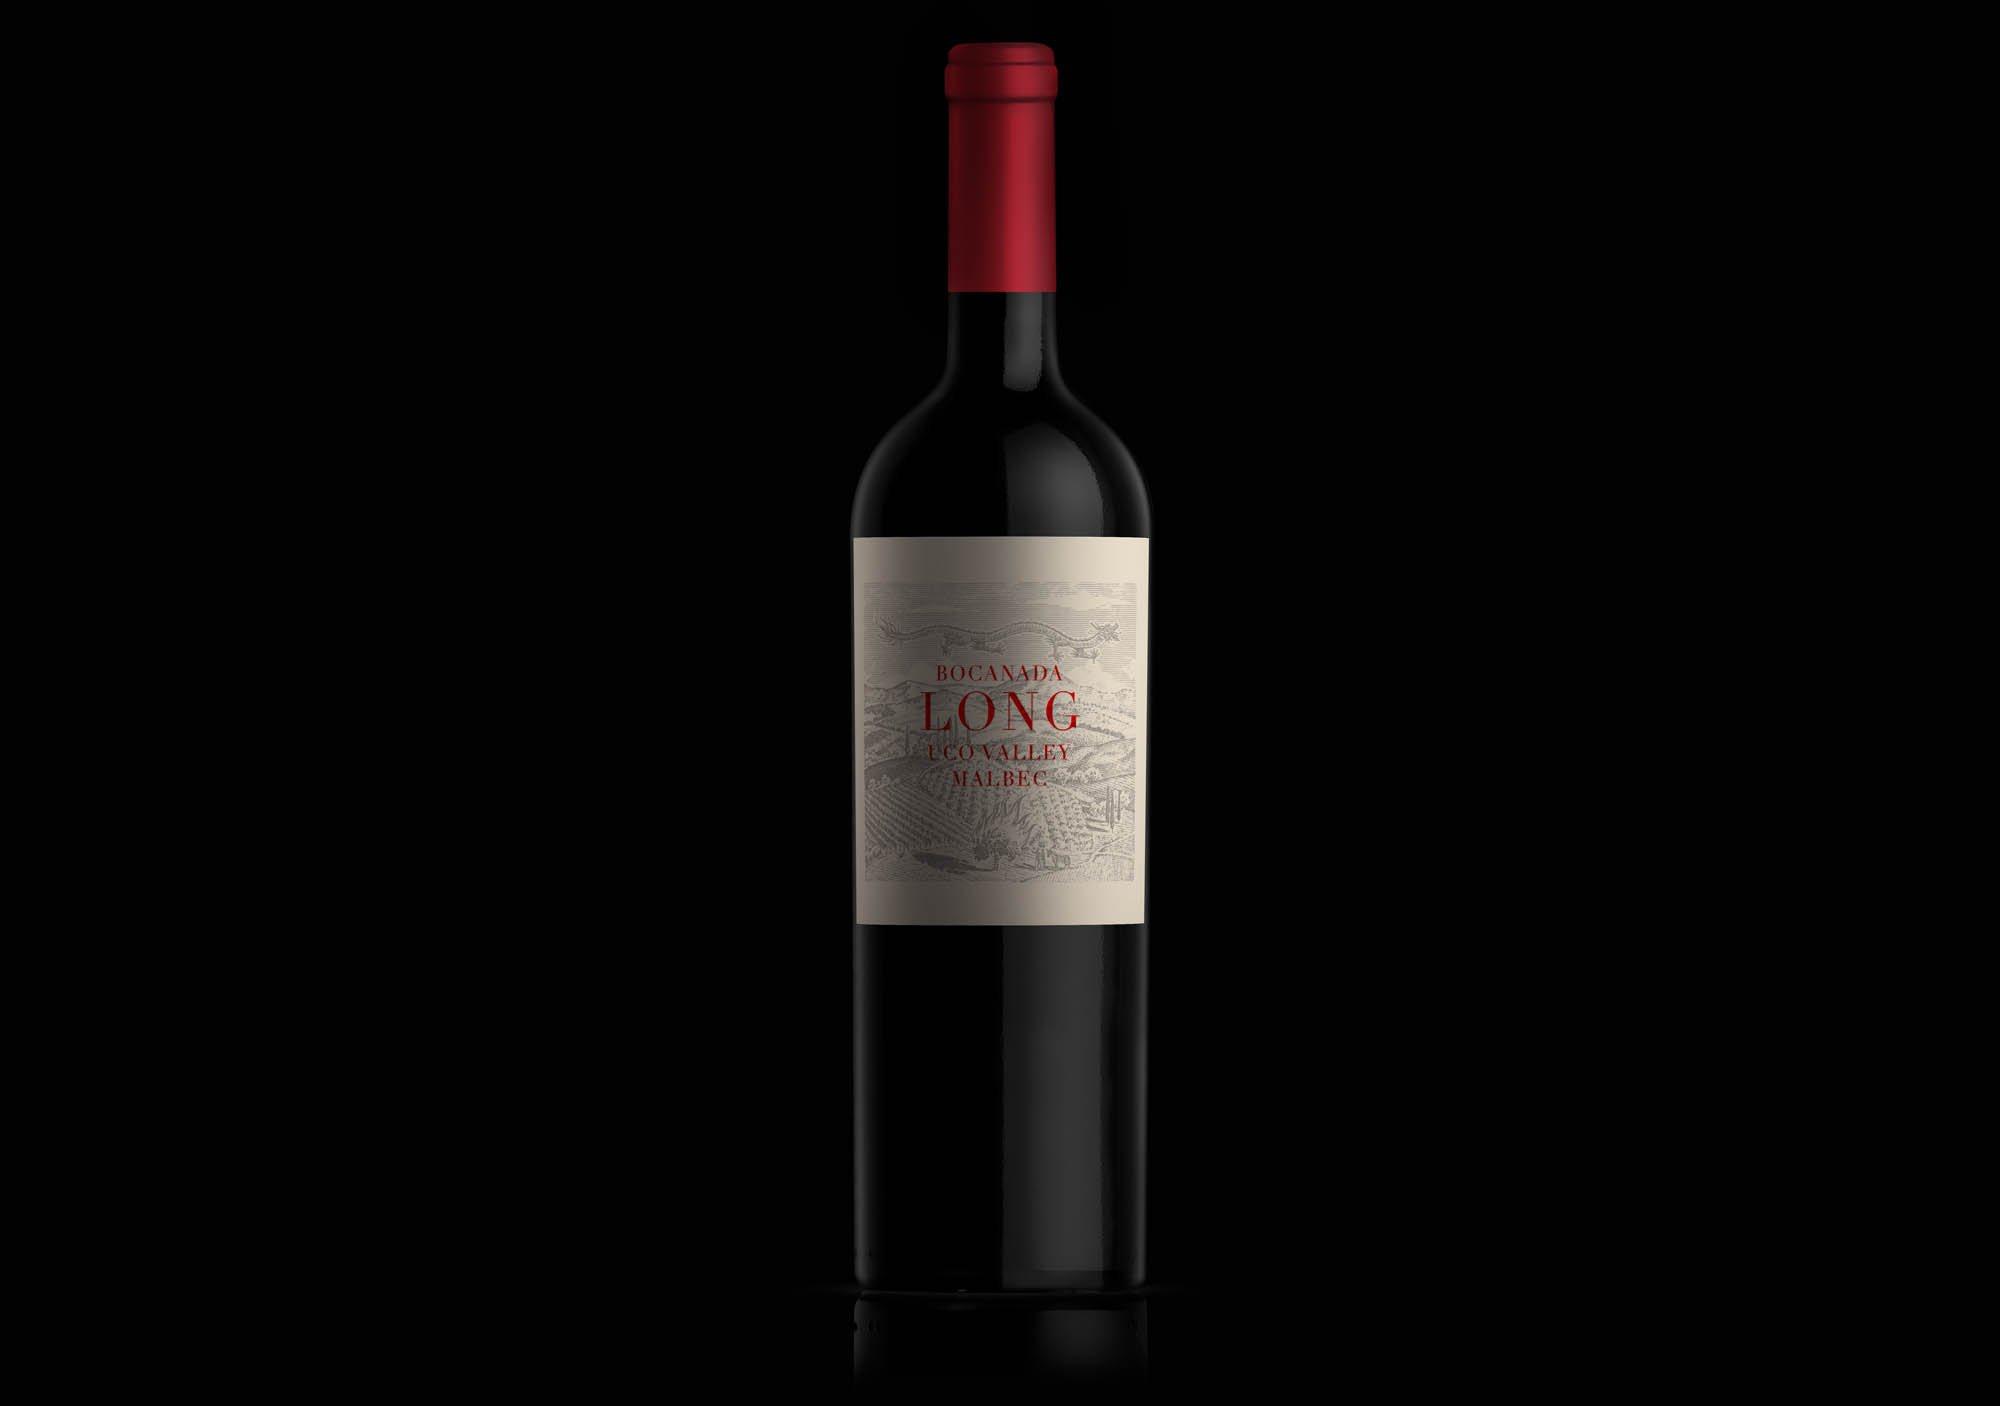 long wine vino oveja remi bocanada